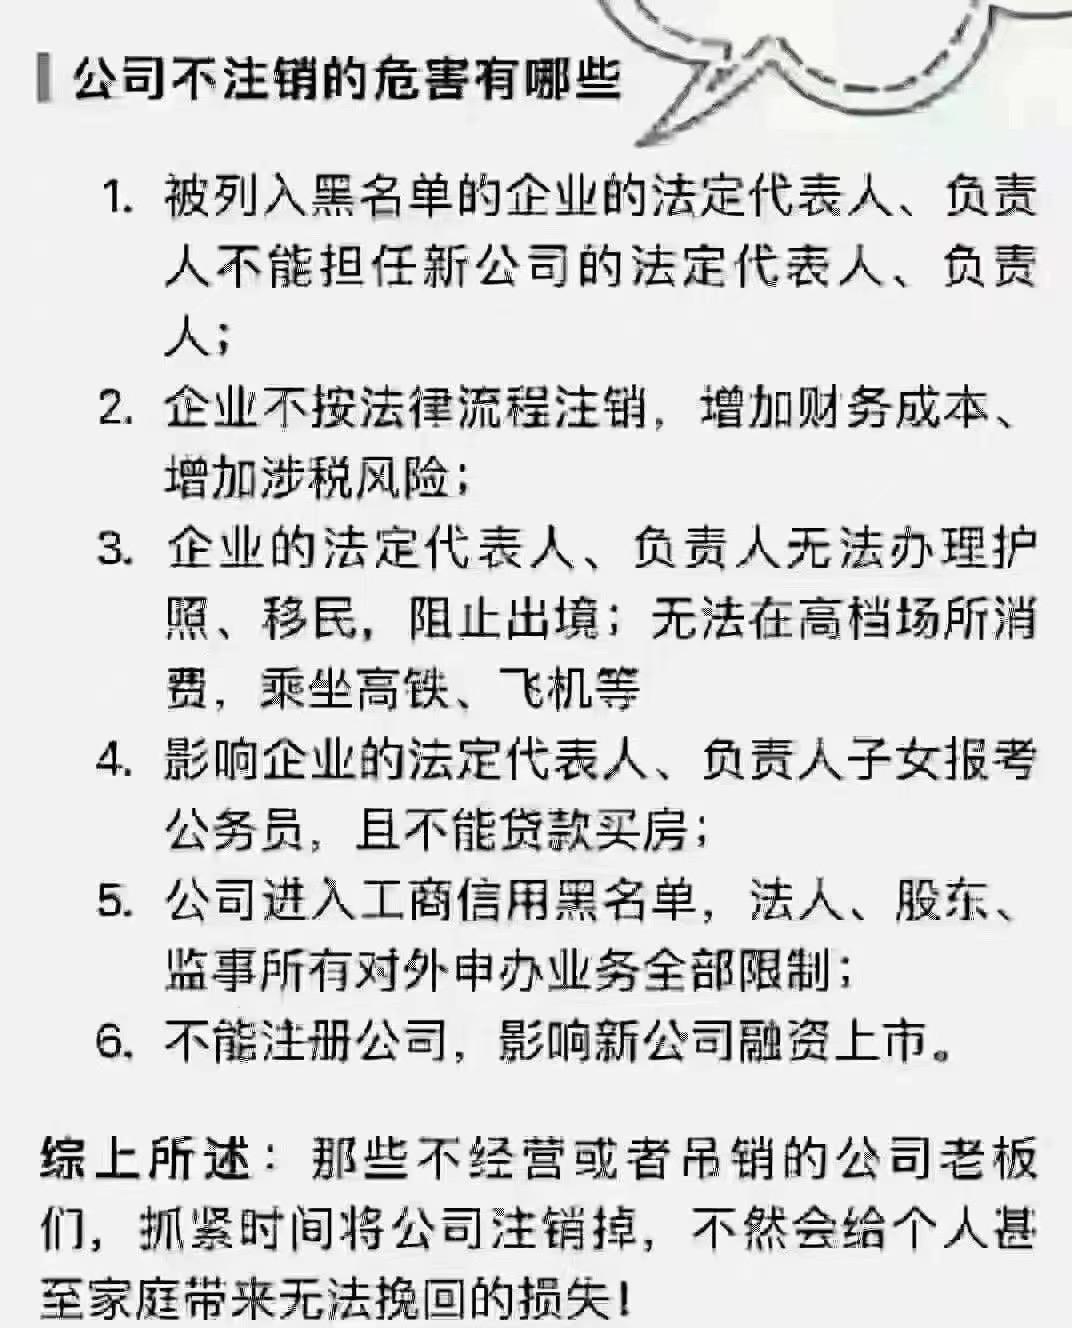 北京代办公司注册,企业年检纳税申报,企业服务